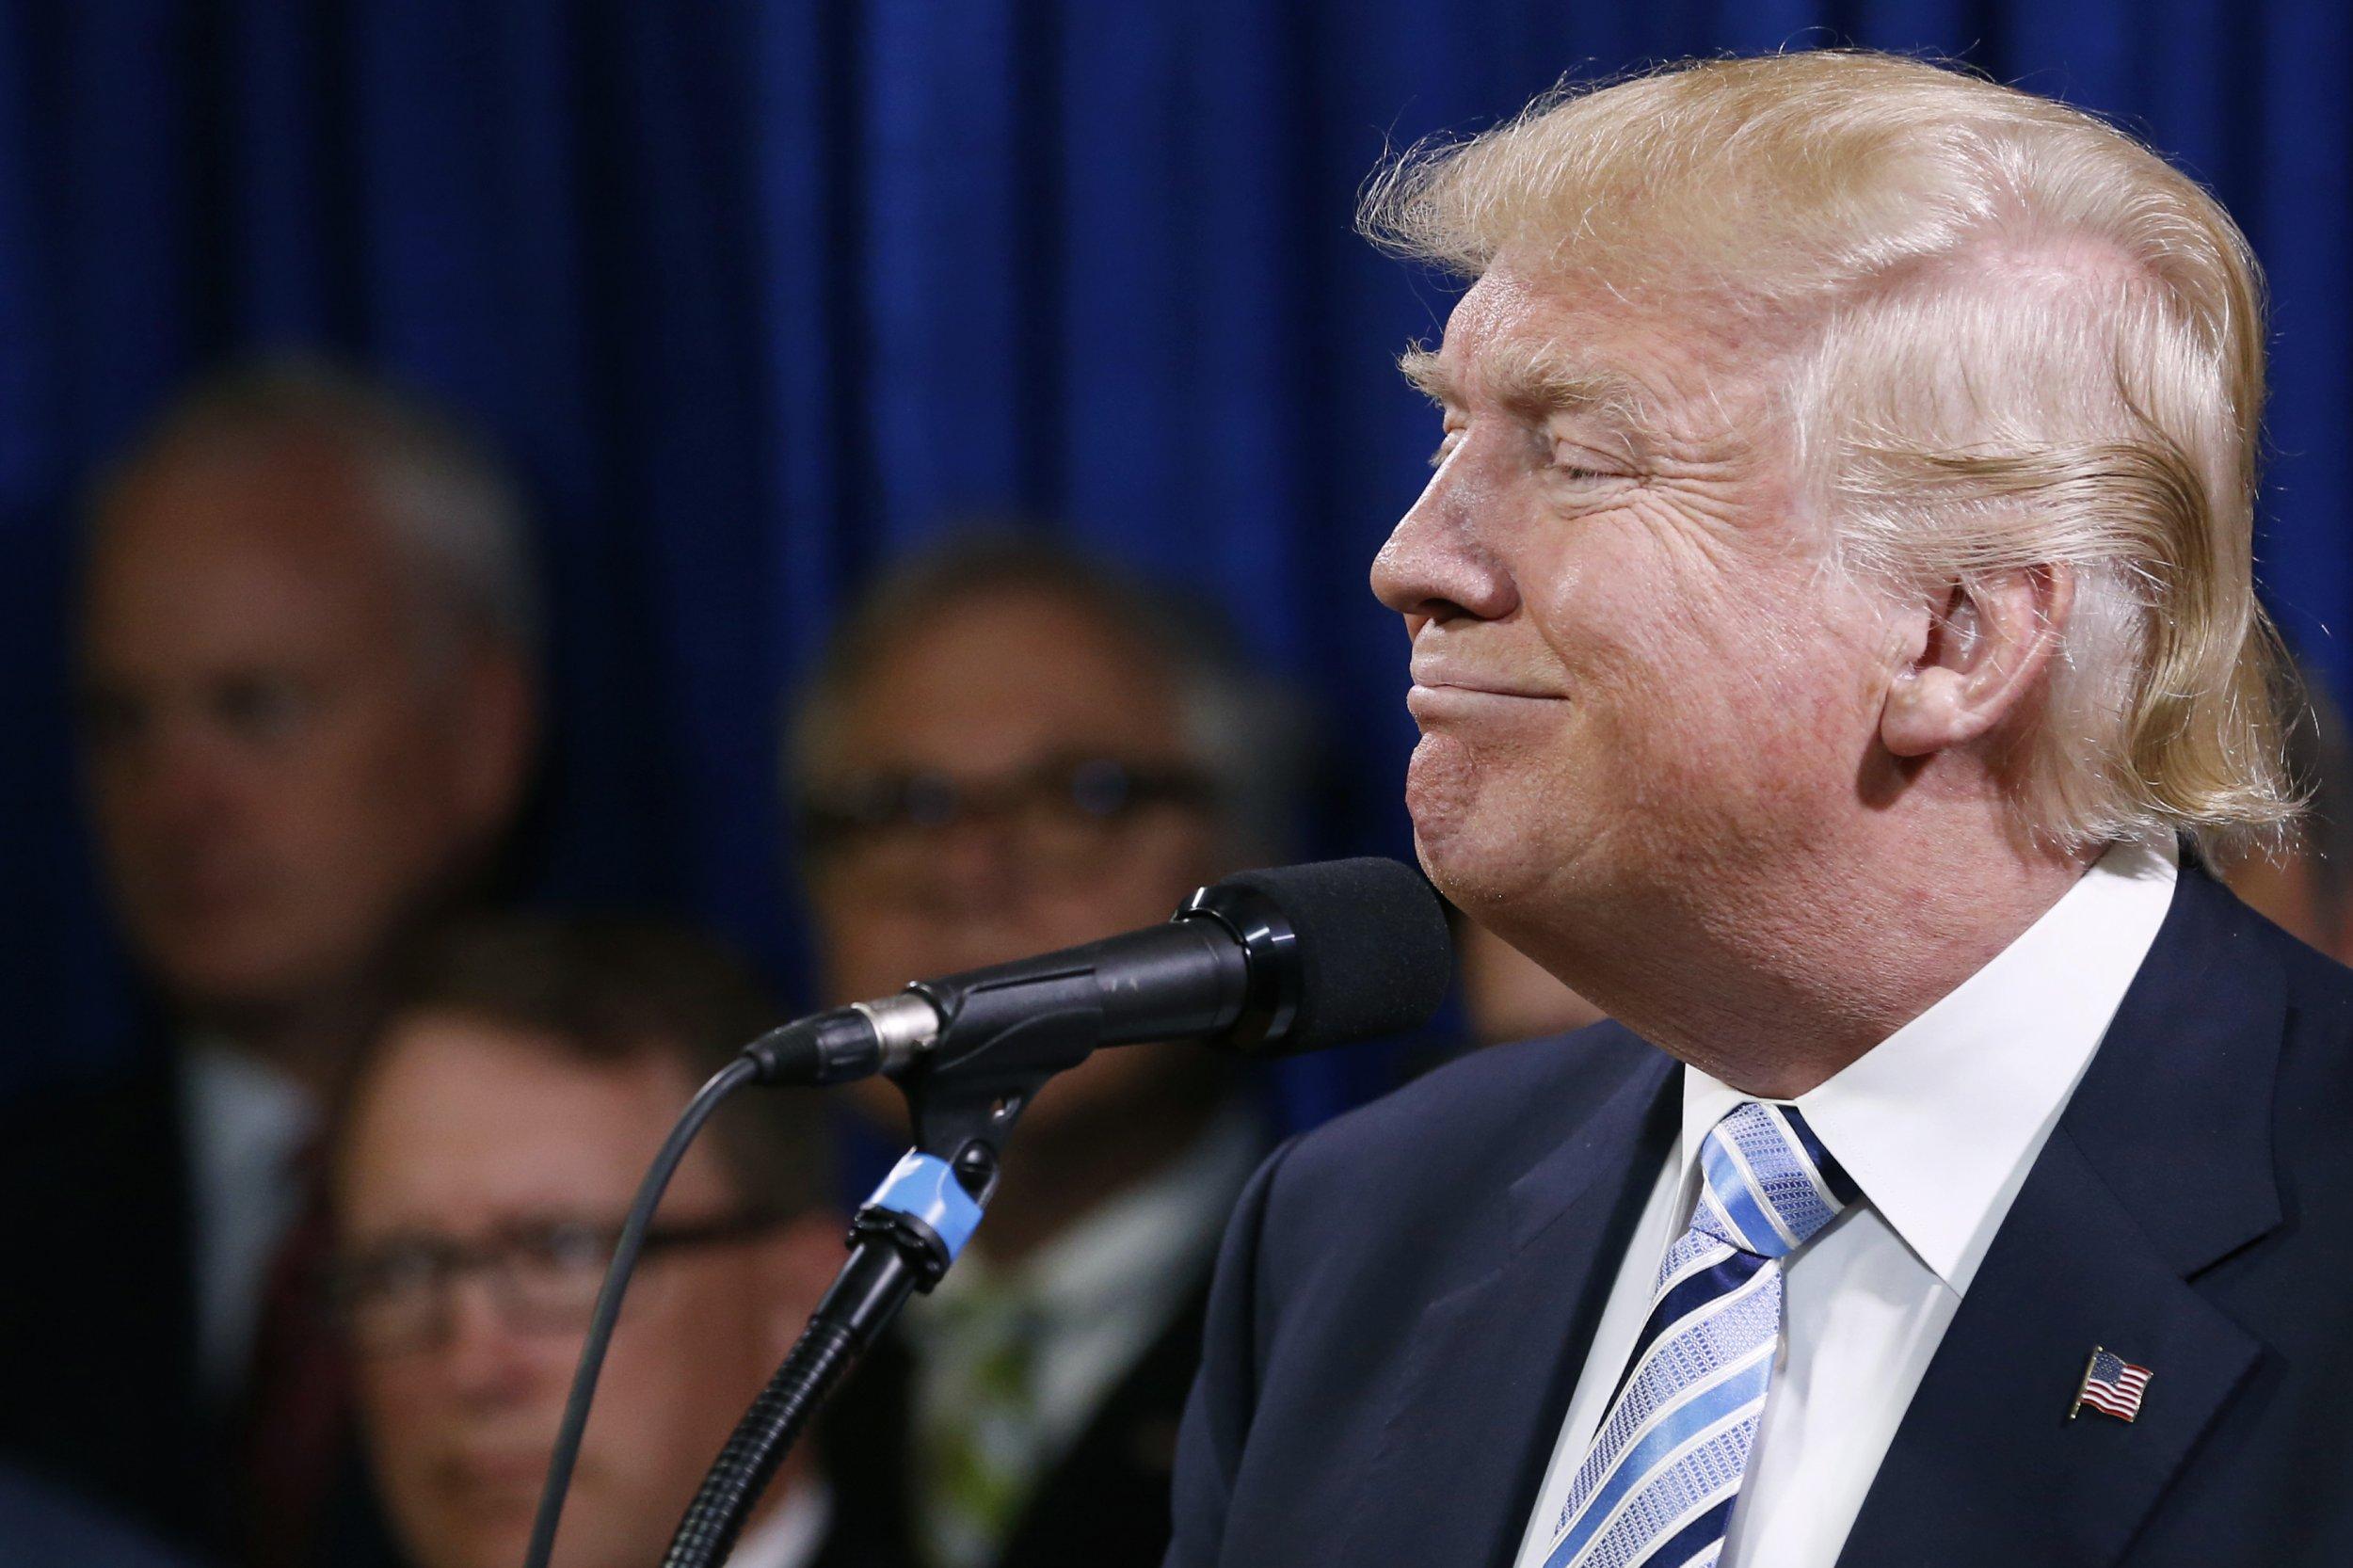 Donald Trump at a press conference in North Dakota